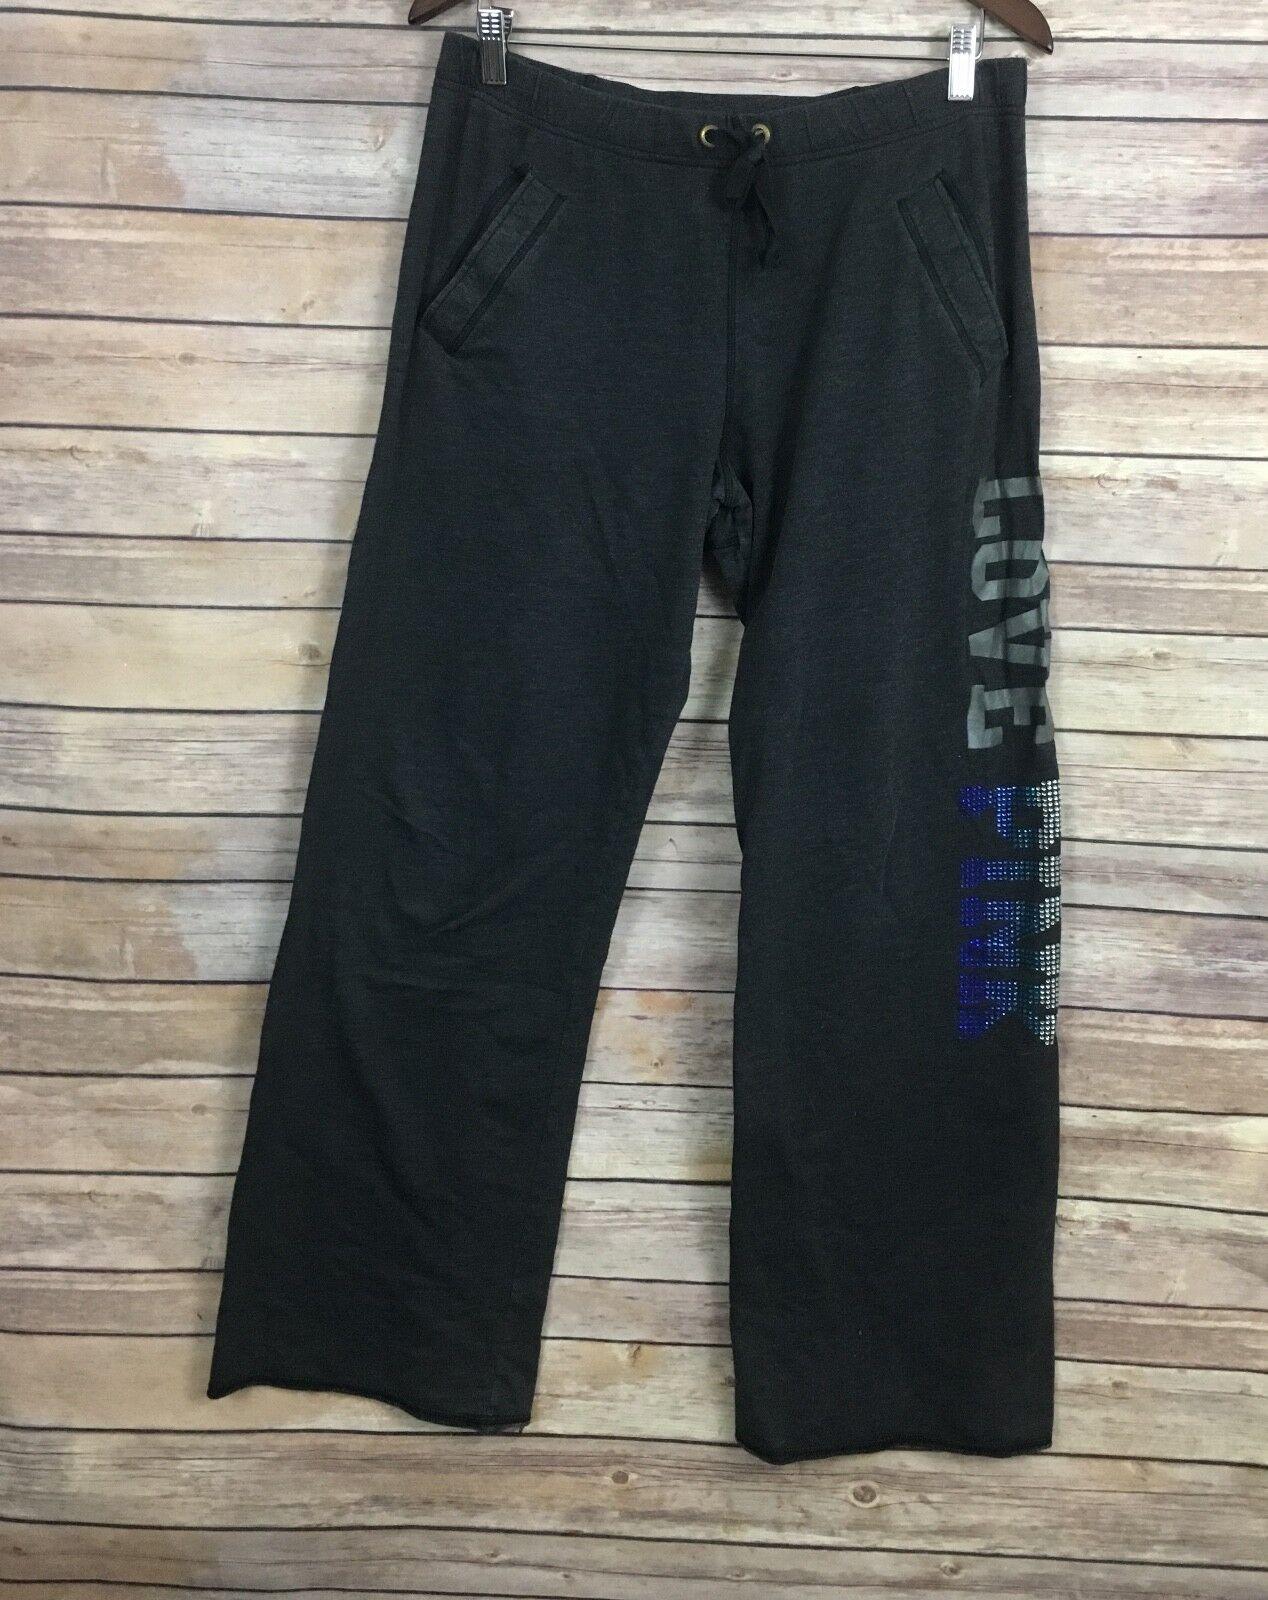 PINK Victoria's Secret Sweatpants (Size  S)